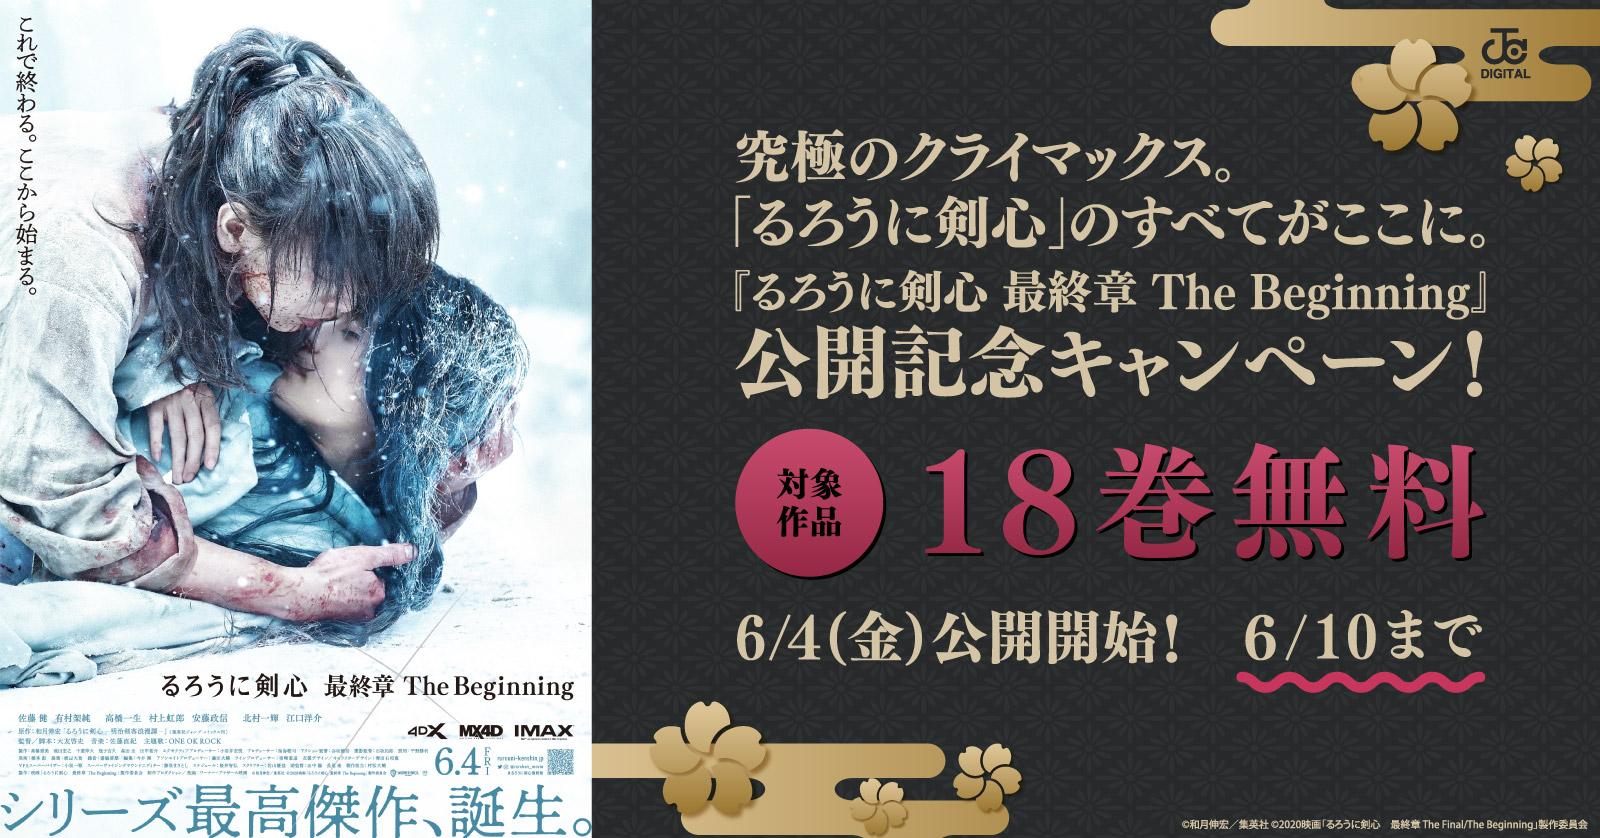 究極のクライマックス。『るろうに剣心 最終章 The Beginning』公開記念!